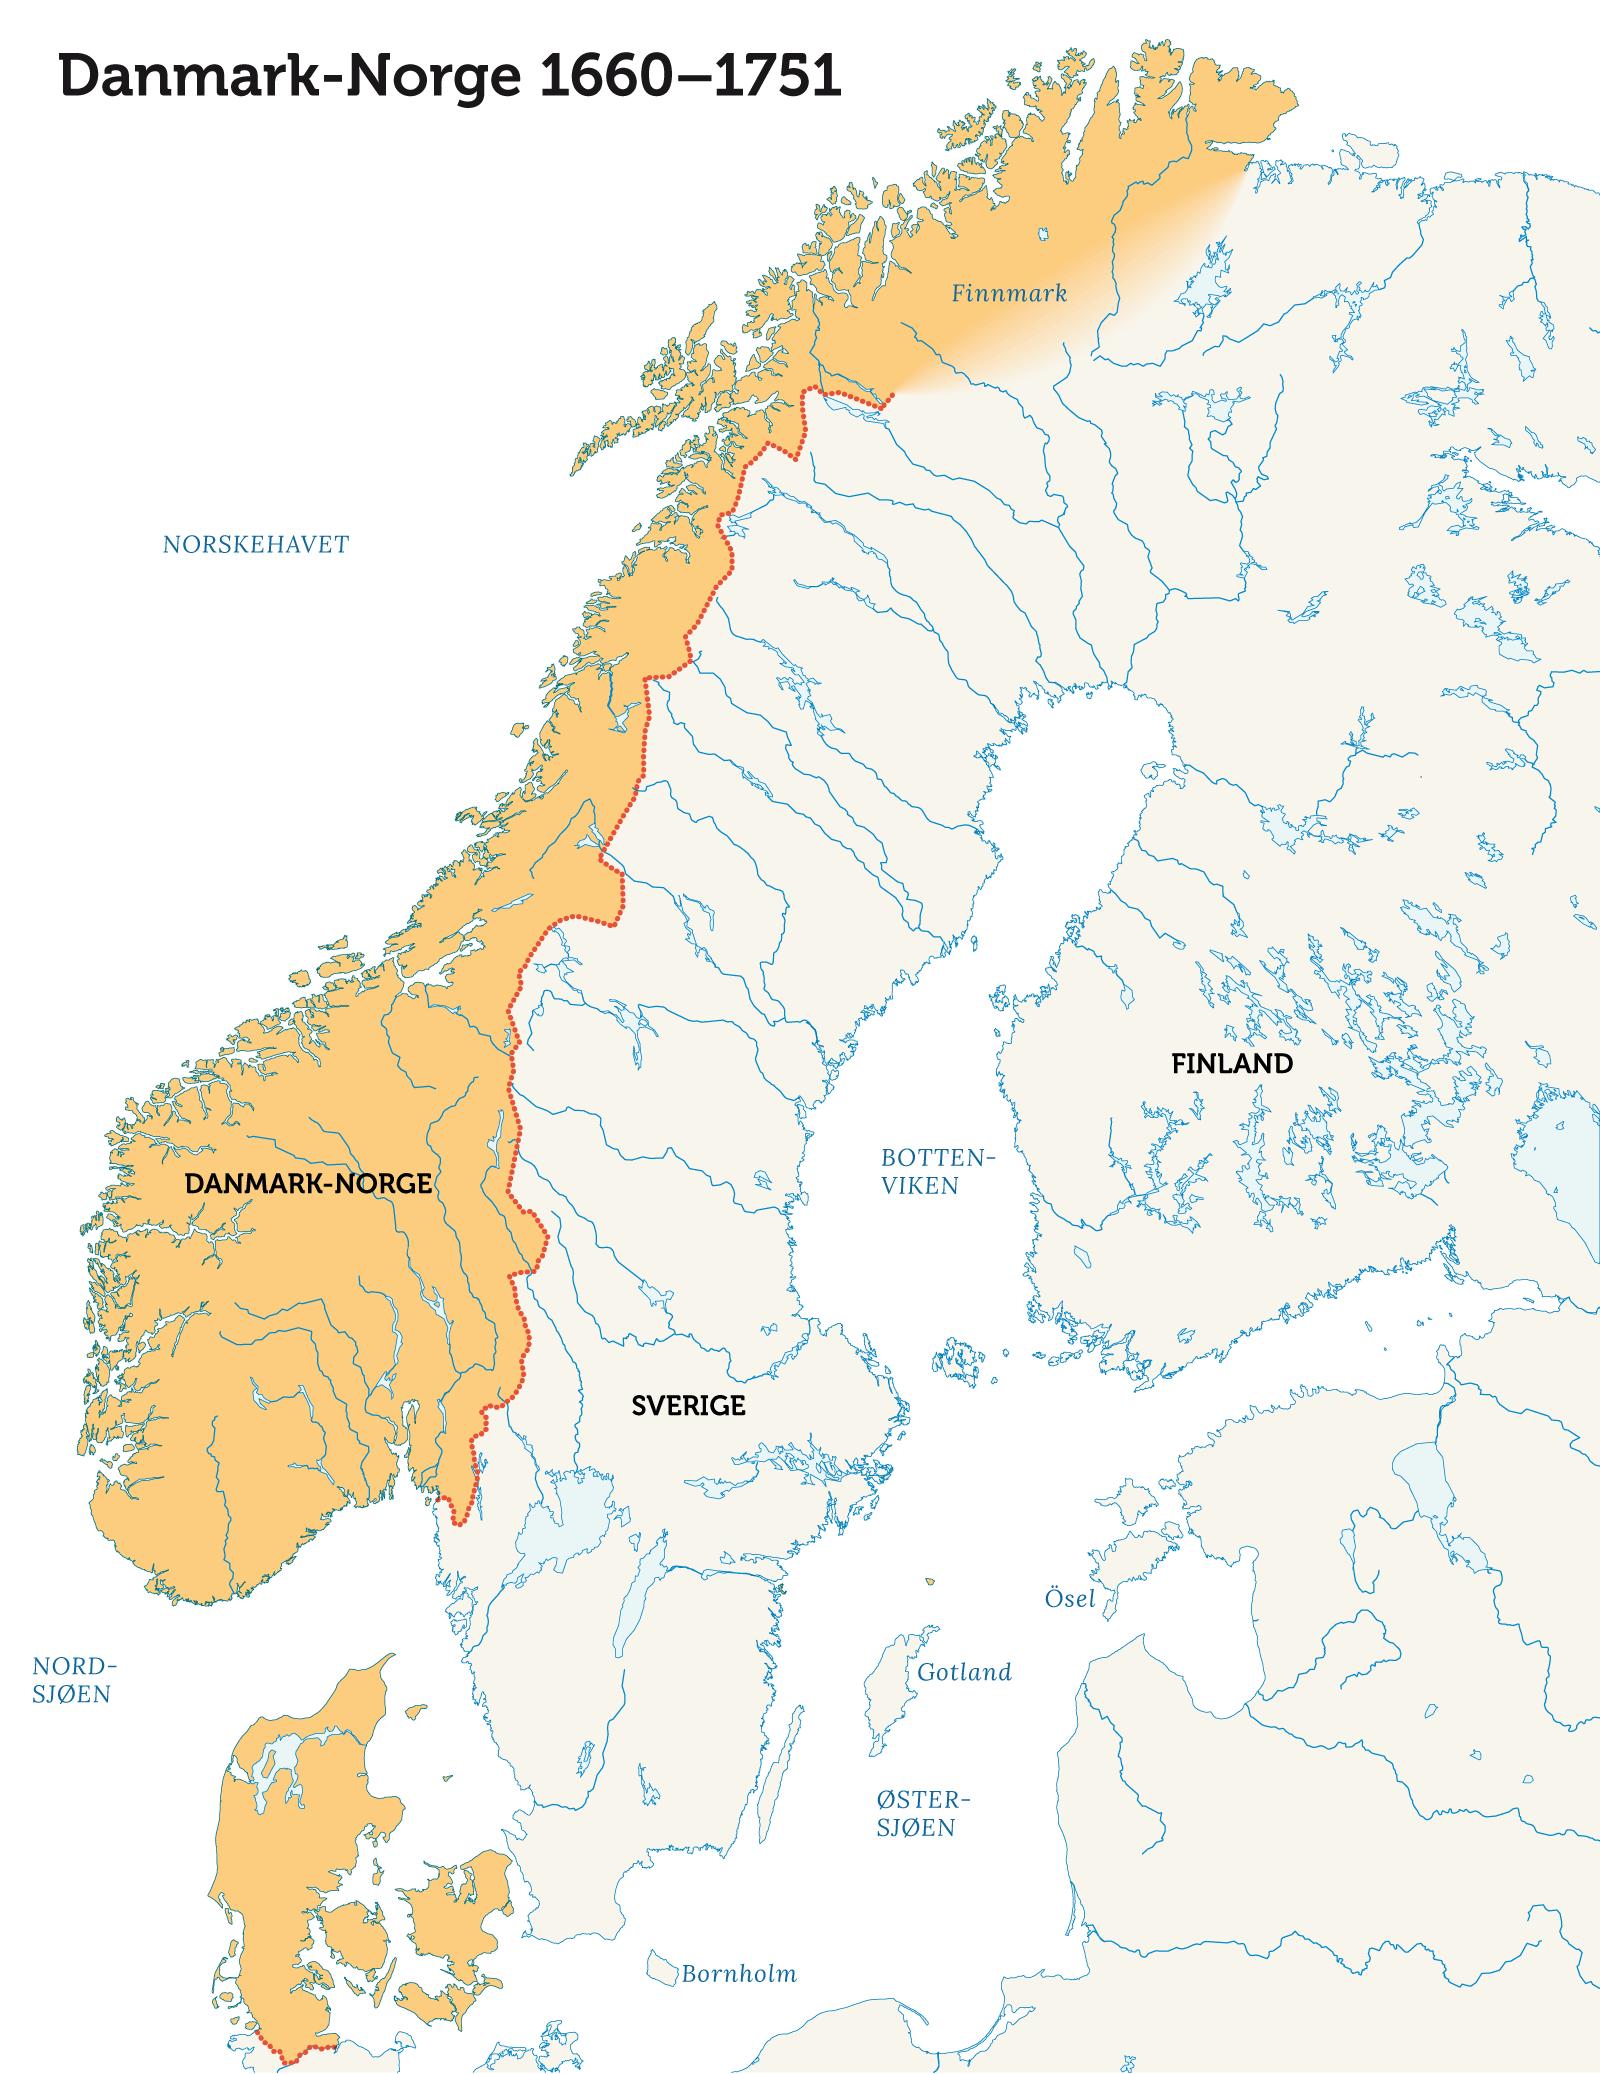 kart over sverige og danmark Norge i den store nordiske krig   Norgeshistorie kart over sverige og danmark